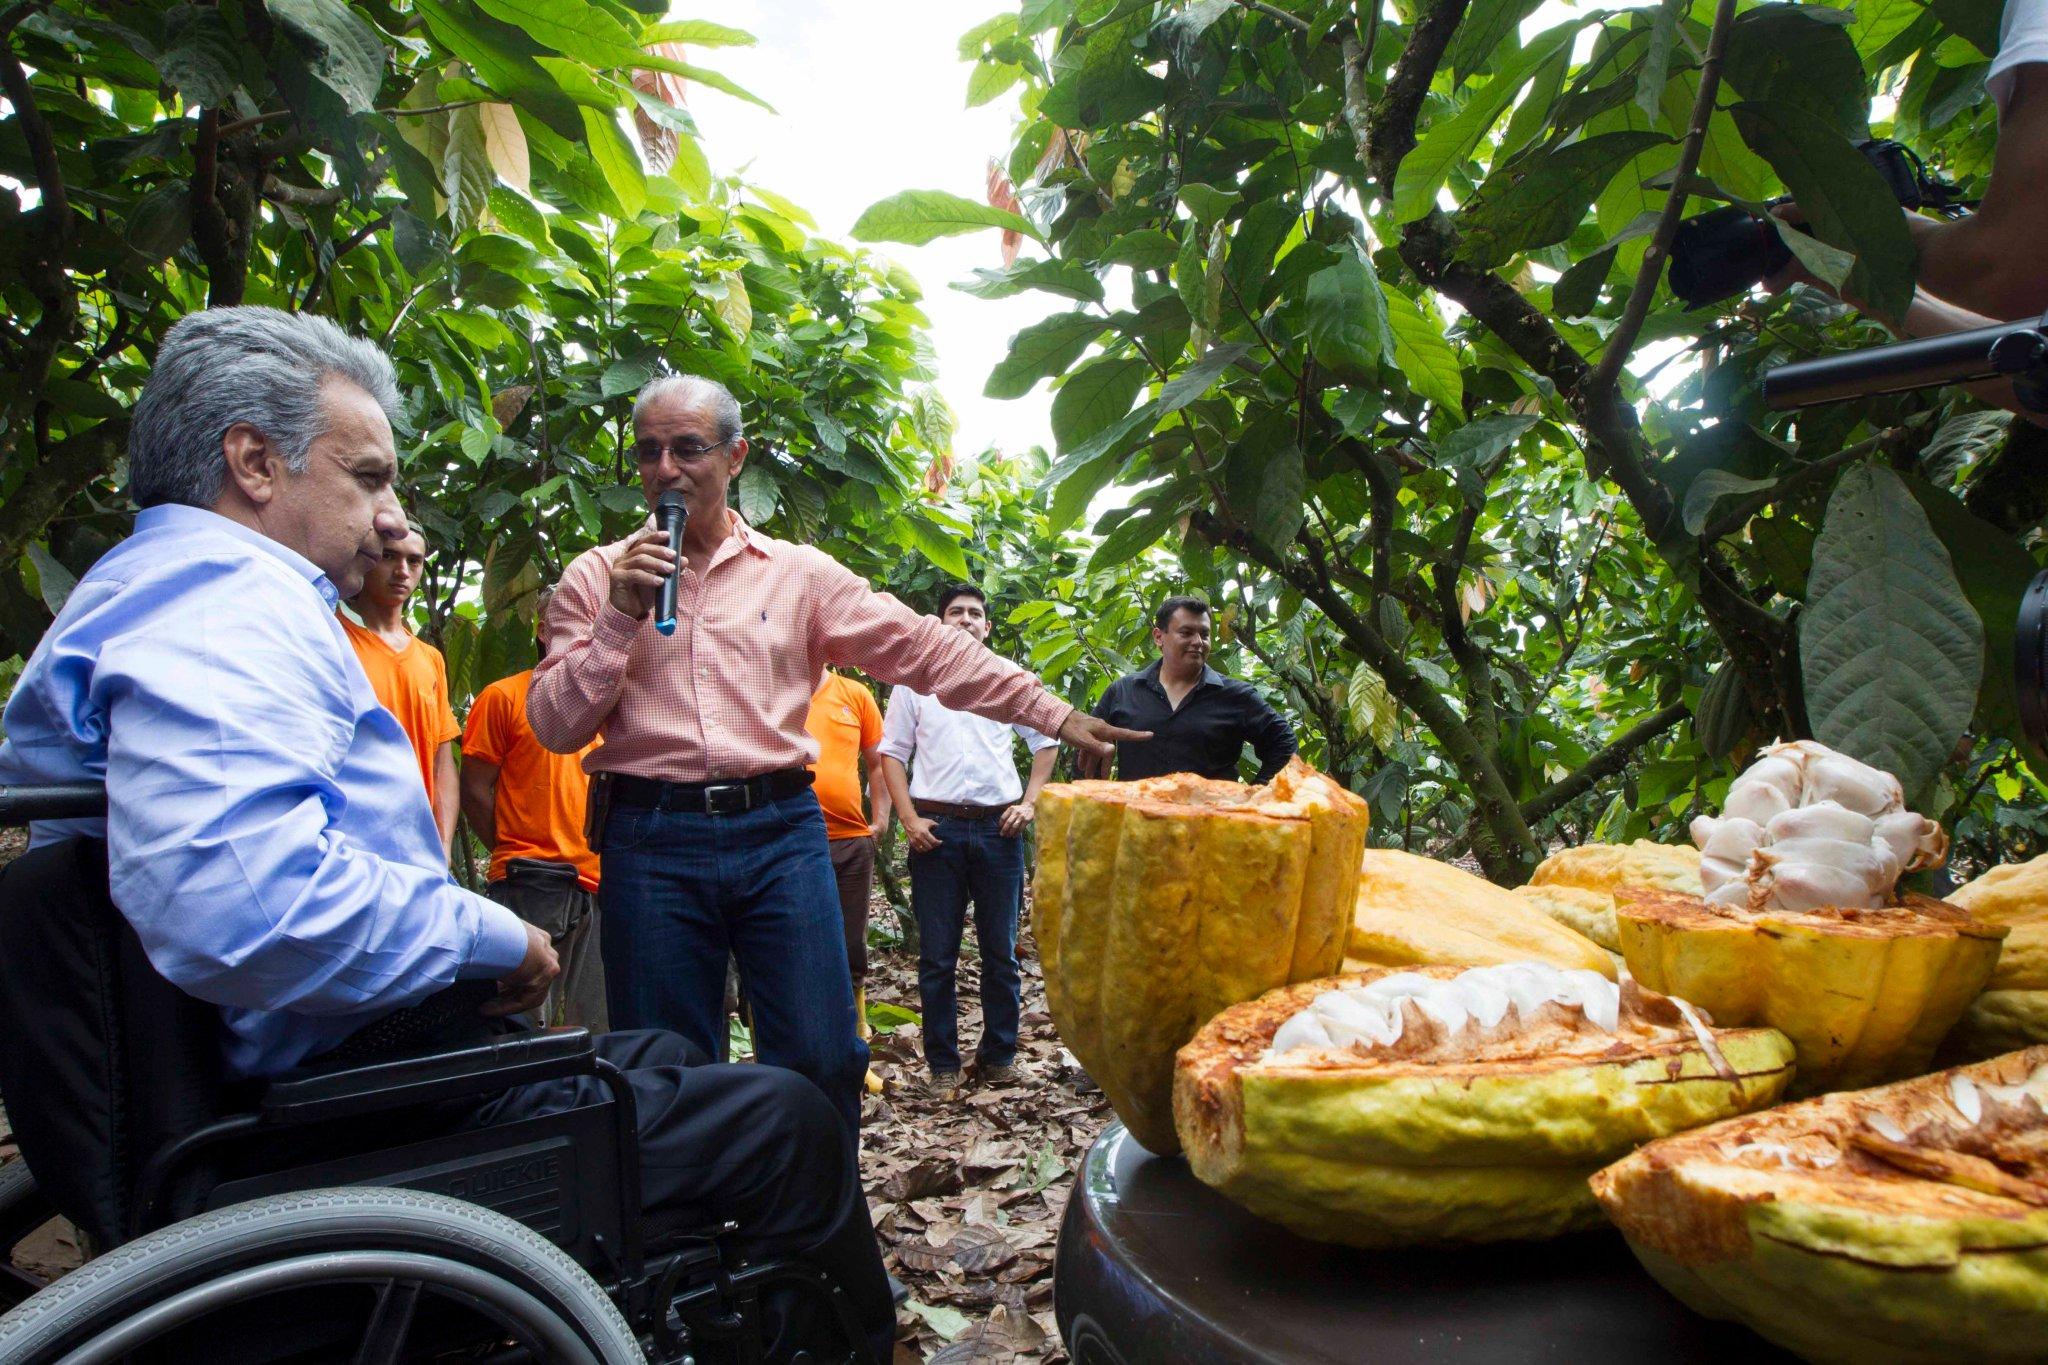 Qué orgullo ver cómo familia Cedeño impulsó su negocio y ser primeros en obtener permiso de uso de Denominación de Origen Cacao Arriba. 1/5 https://t.co/koGNqUajag